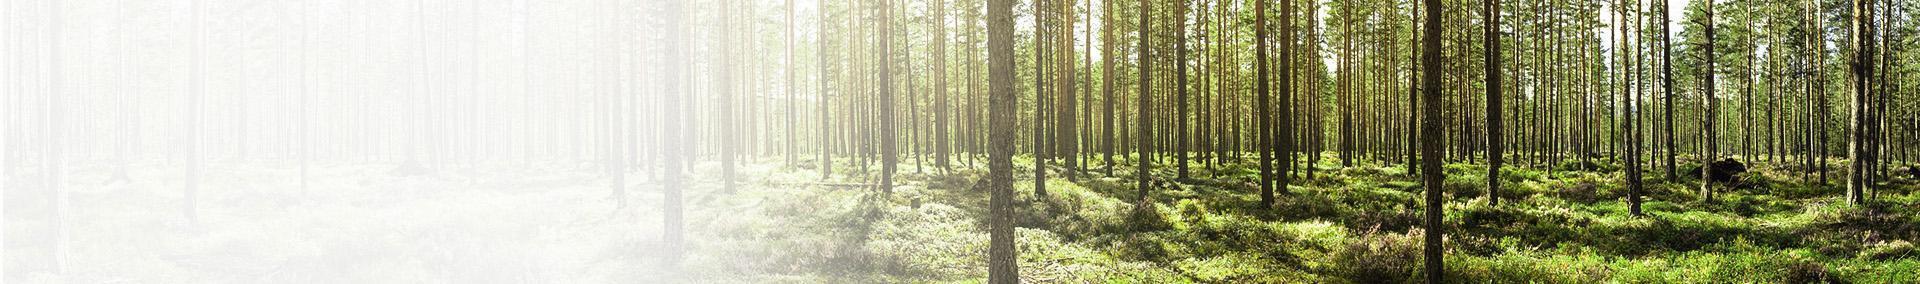 Banner drzewa w lesie